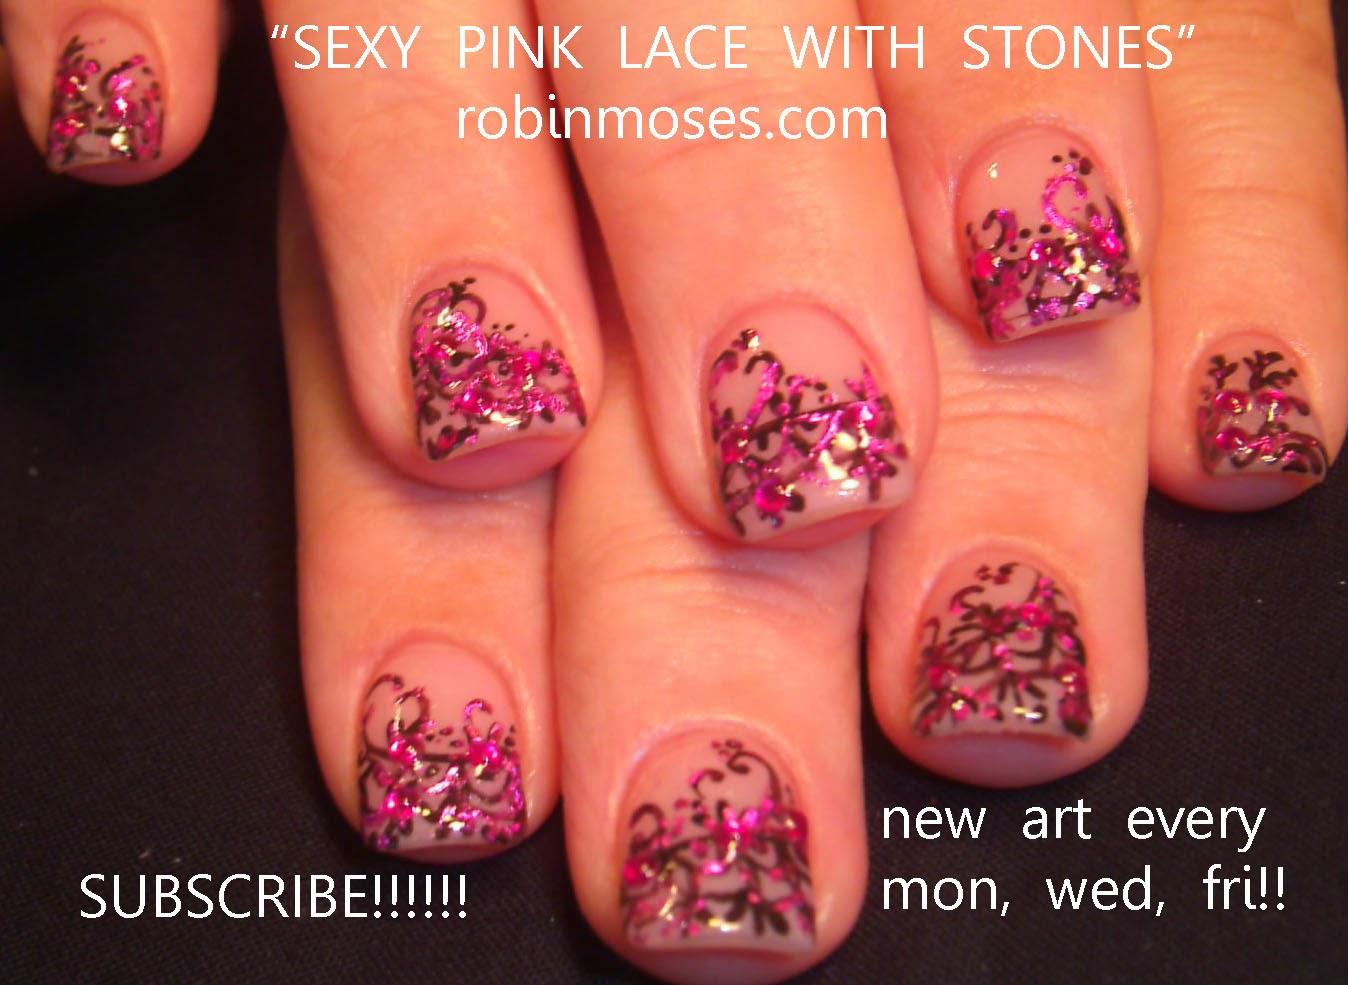 azature nails\